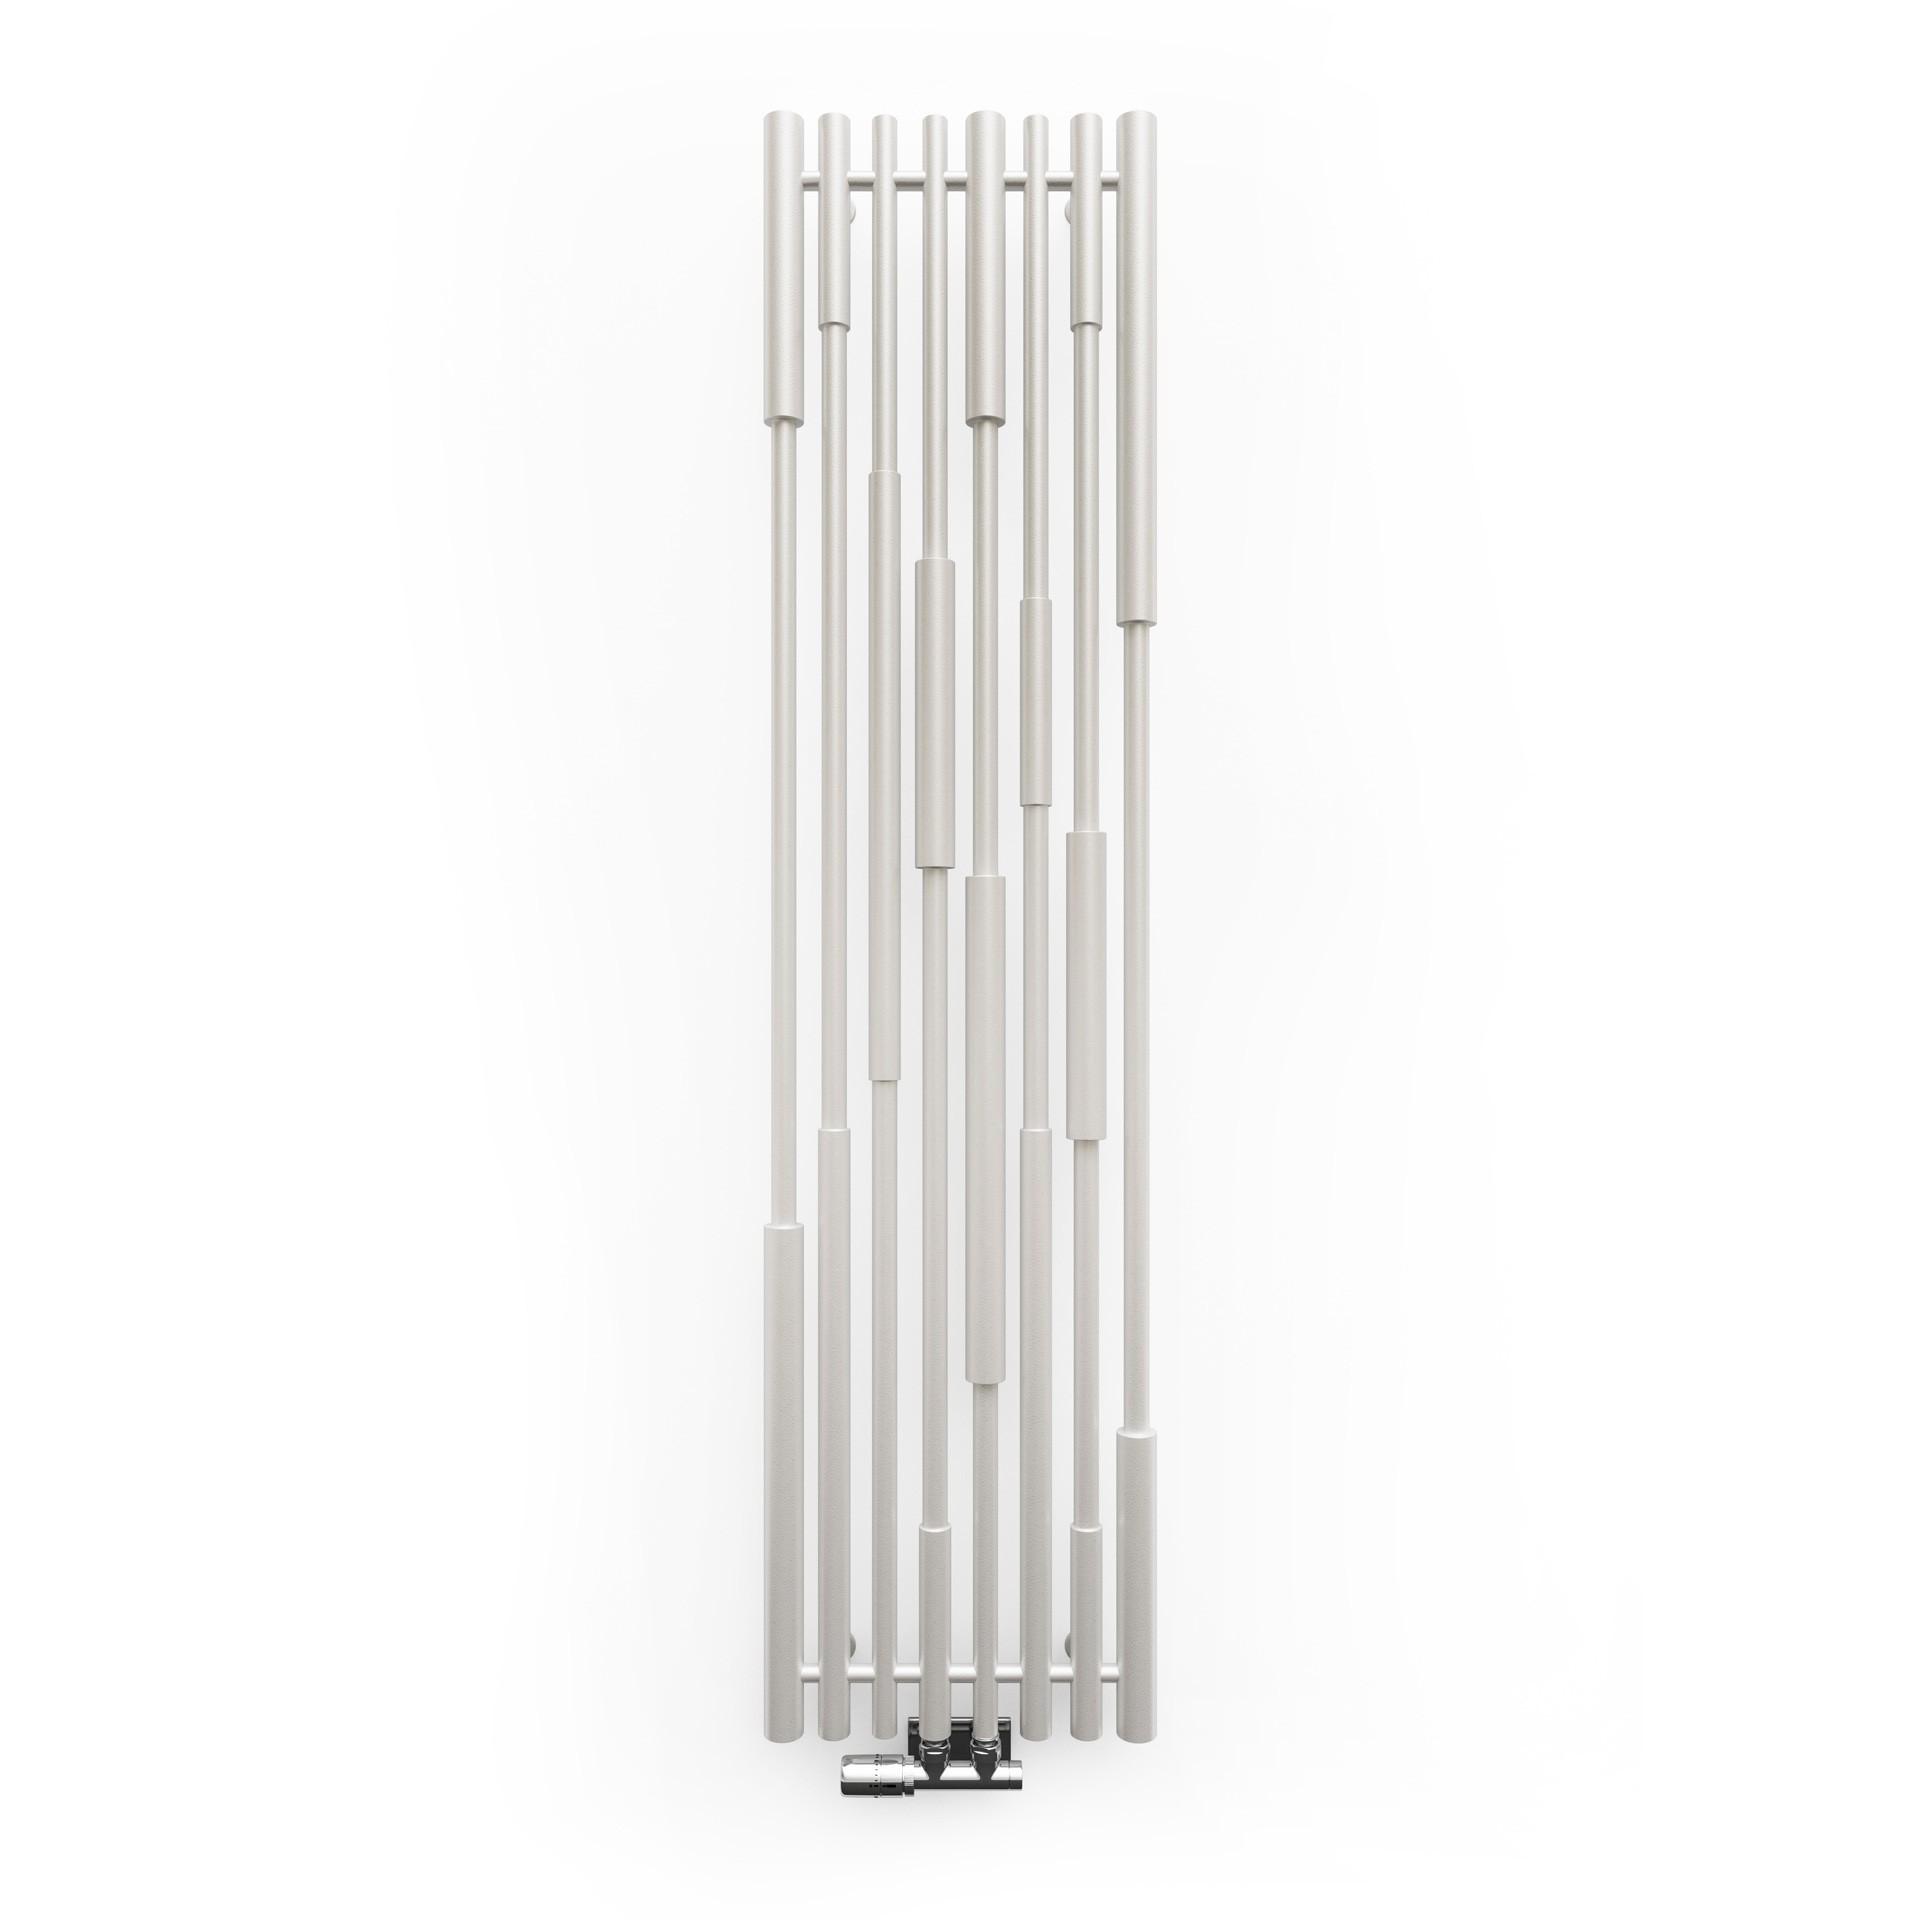 Design Röhrenheizkörper, Wohnraumheizkörper Terma Cane vertikal